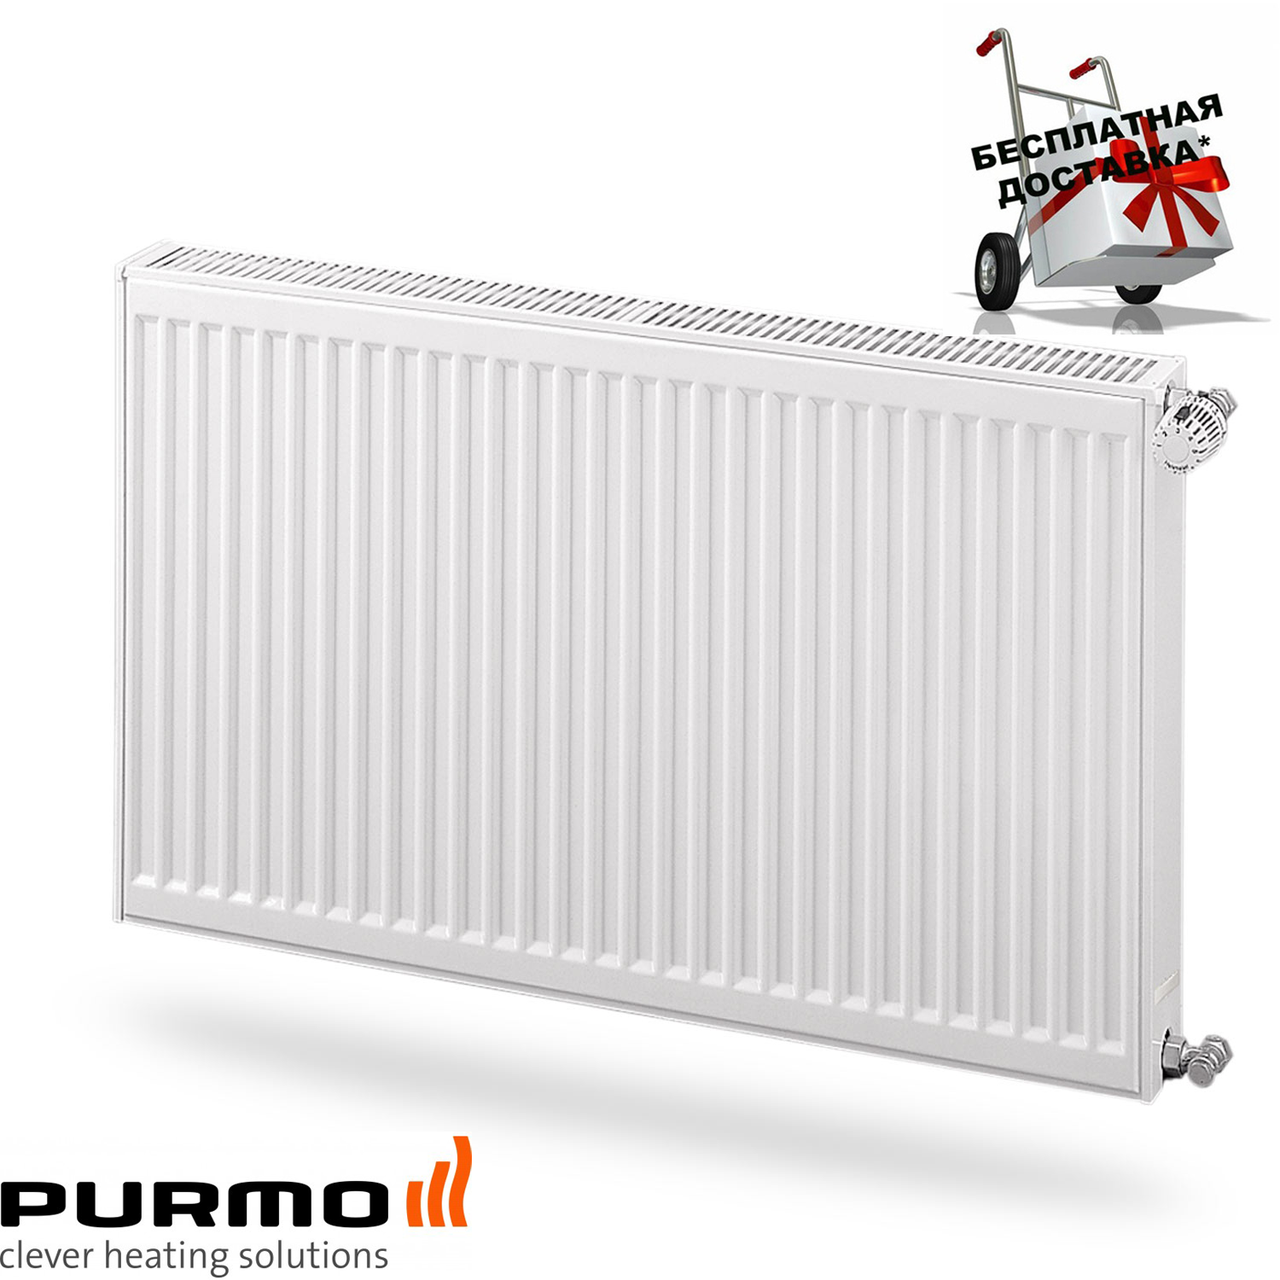 Стальной (панельный) радиатор PURMO Compact т22 500x1400 боковое подключение